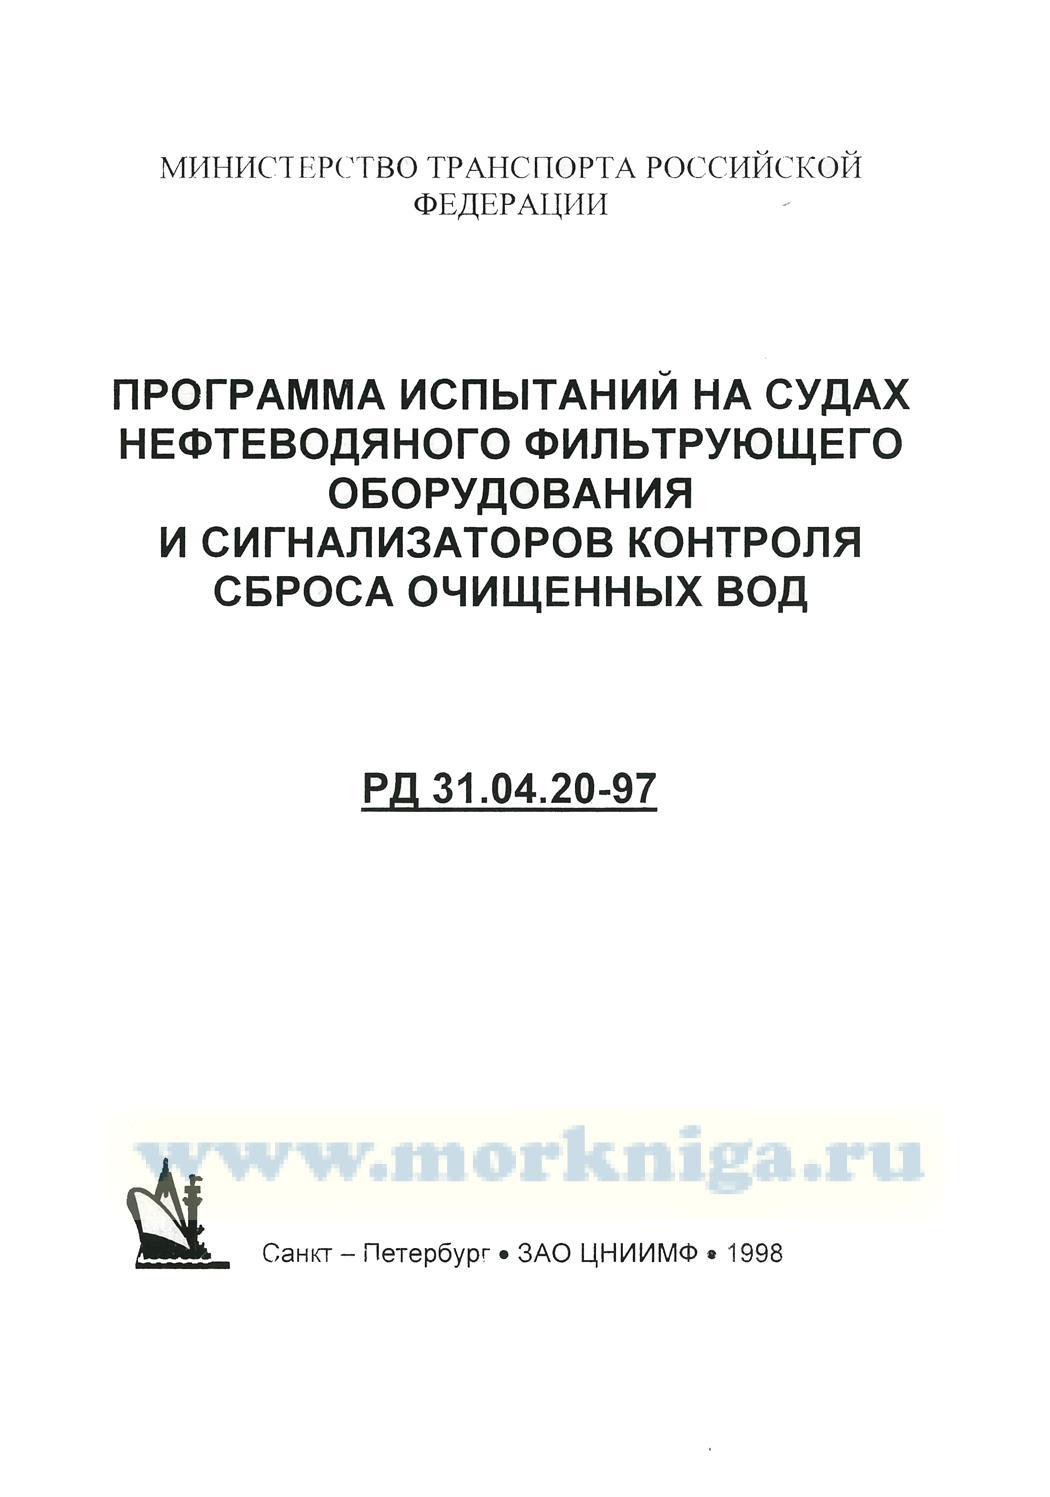 РД.31.04.20-97 Программа испытаний на судах нефтеводяного фильтрующего оборудования и сигнализаторов контроля сброса очищенных вод.